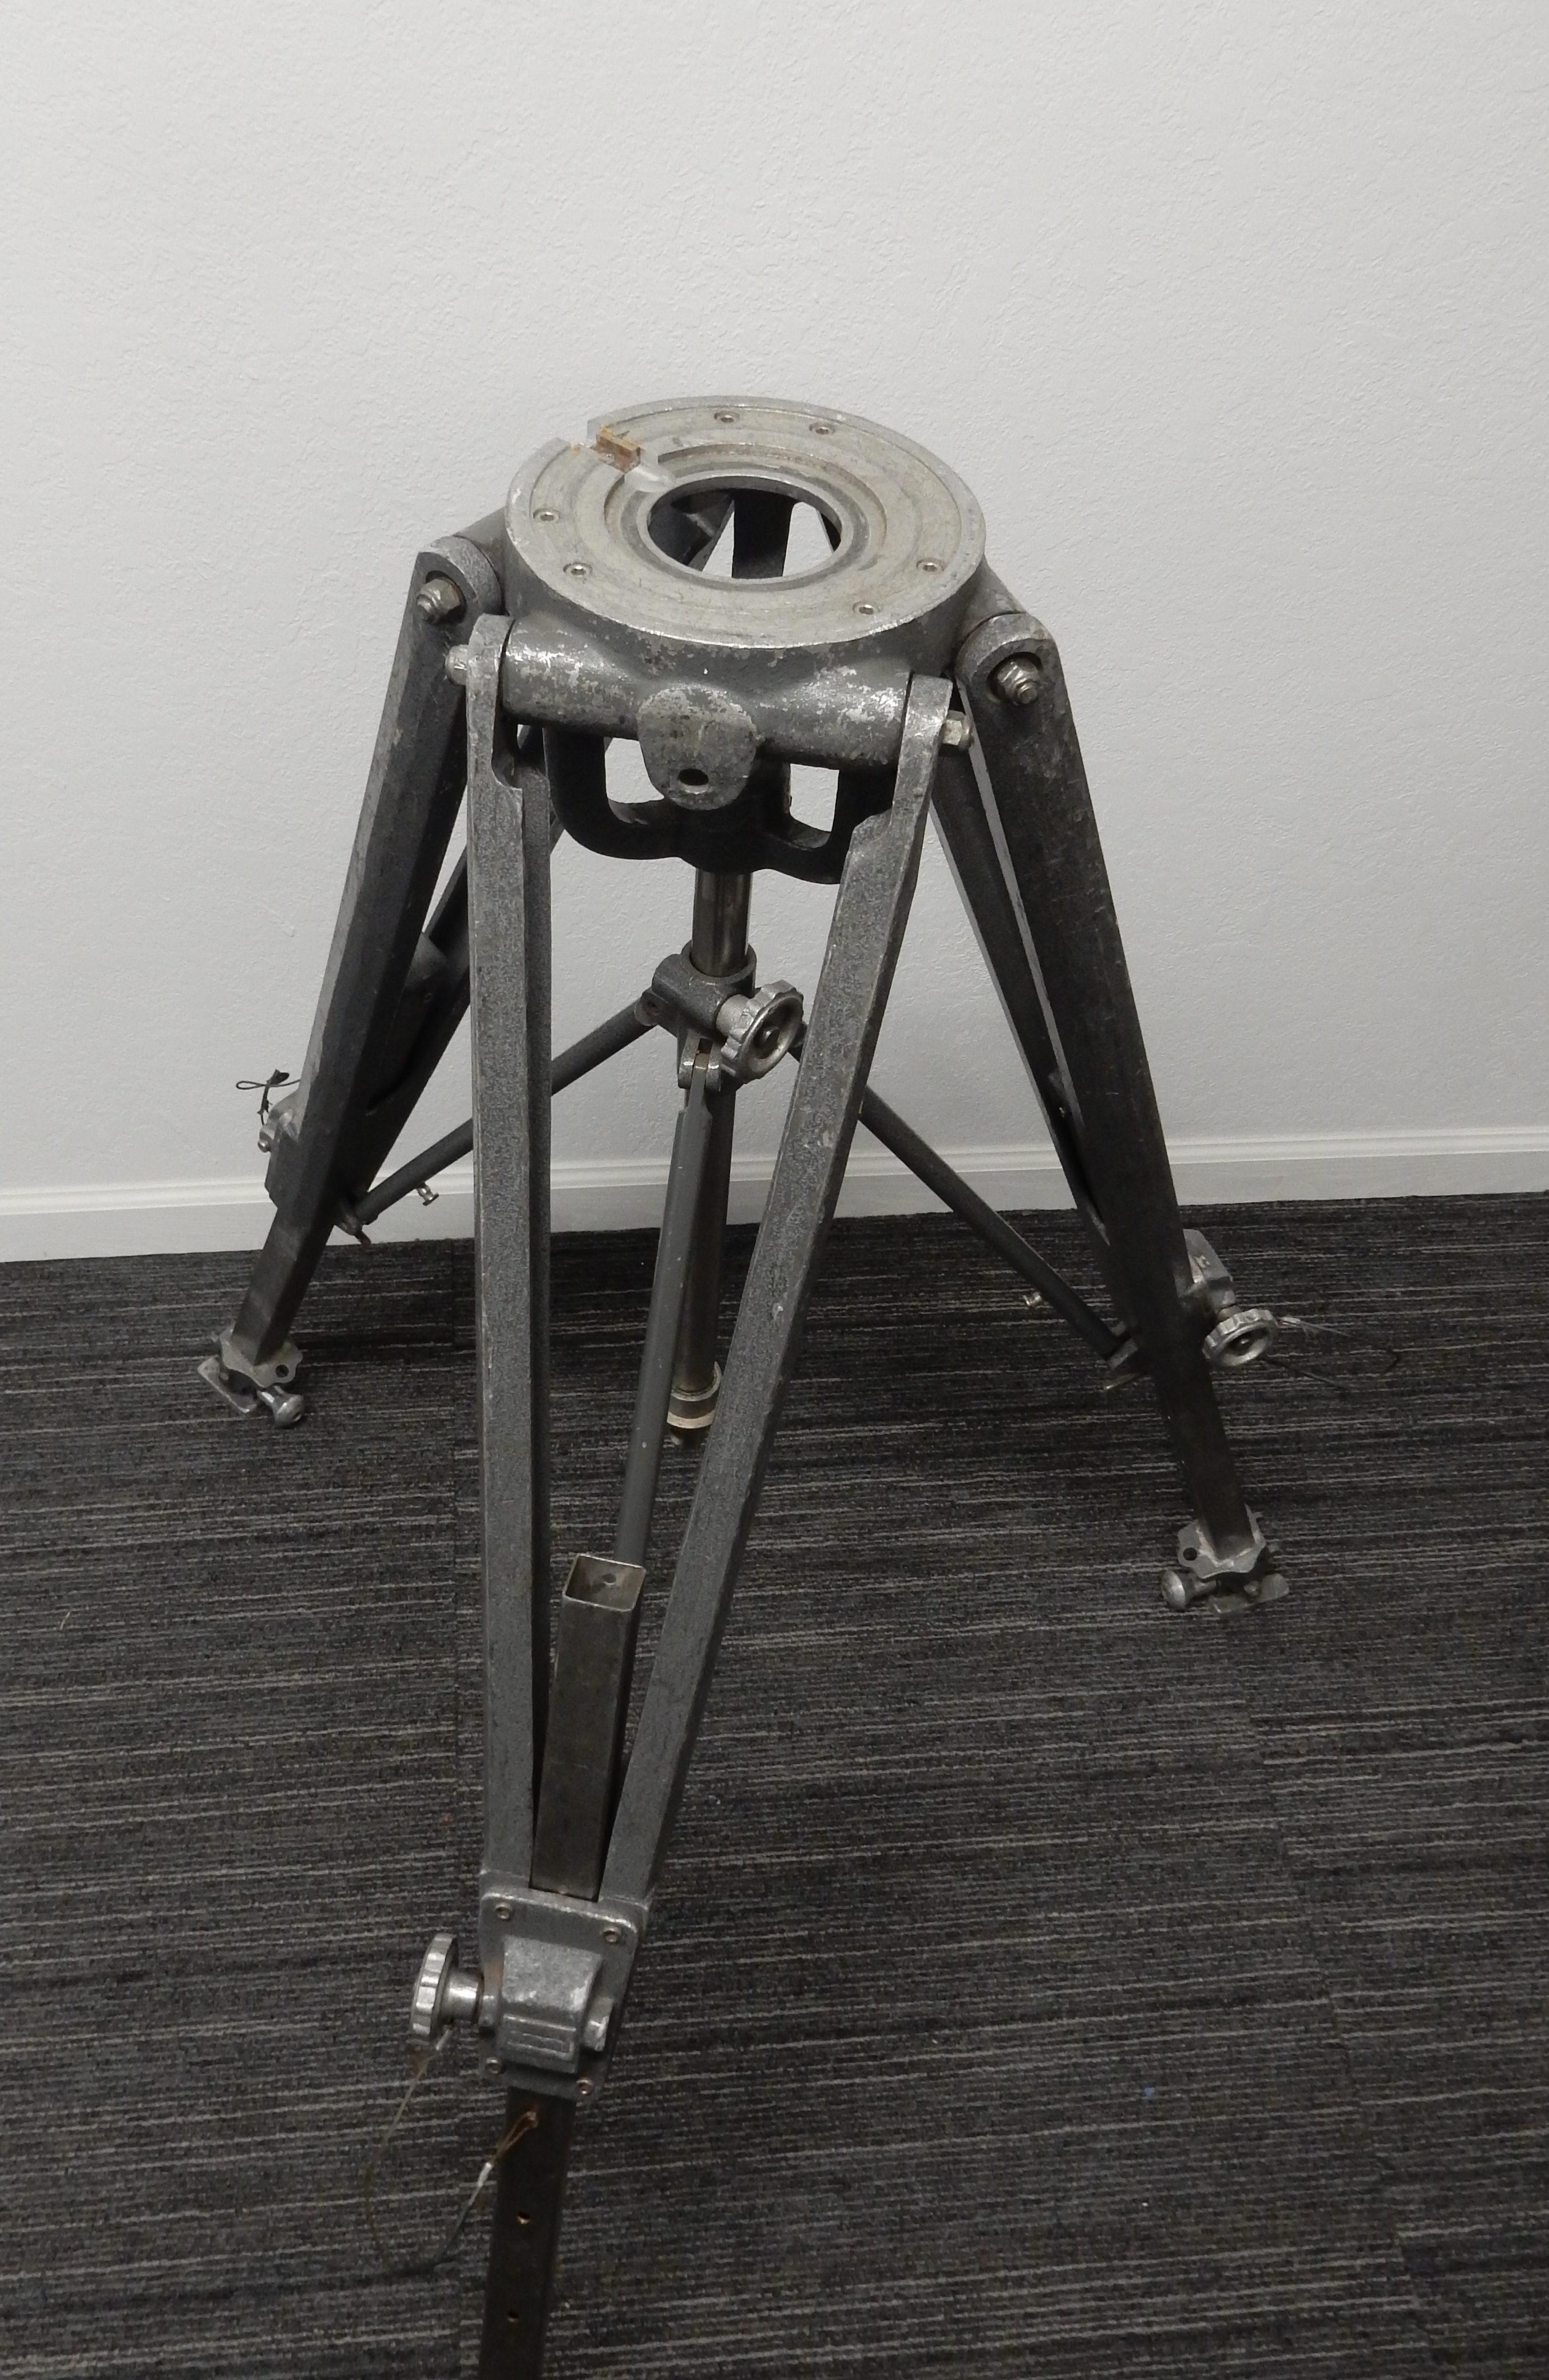 Matthews MT-1 Heavy Duty Tripod Legs